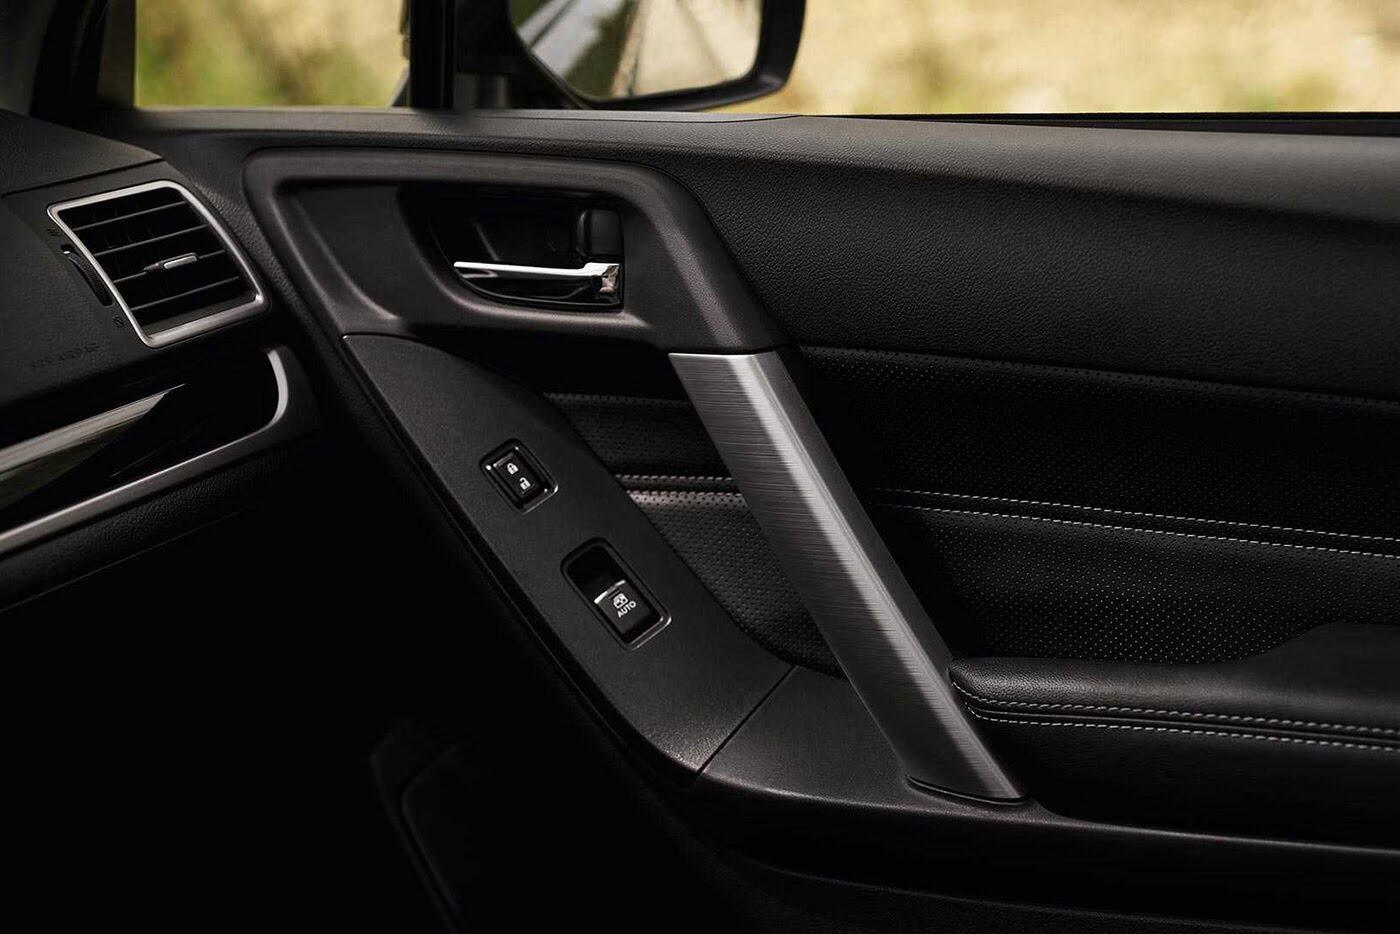 Ra mắt Subaru Forester 2018 phiên bản màu đen đặc biệt - Hình 4